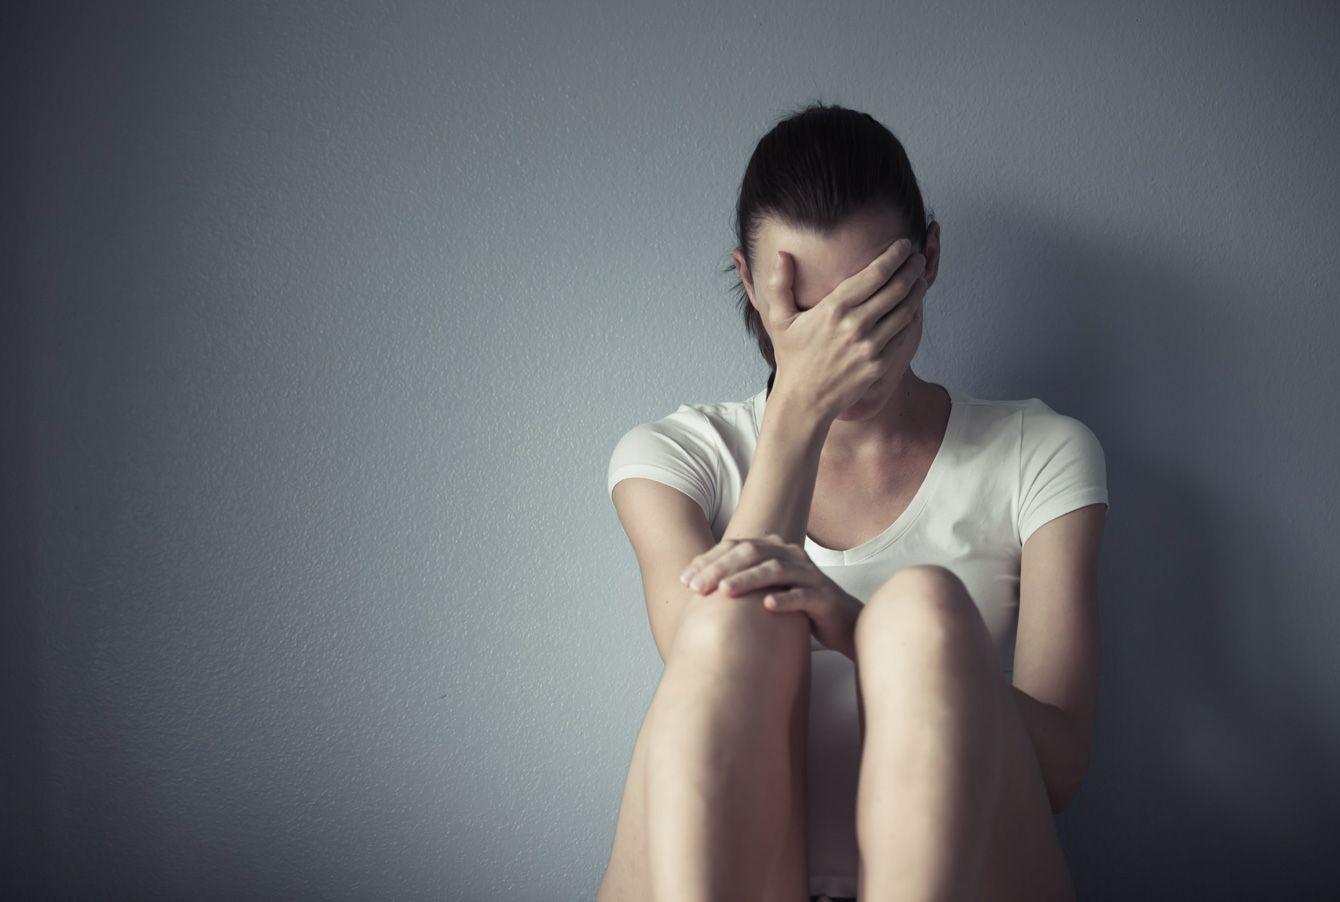 なぜパニック障害に悩む芸能人が多いのか 生活が不規則だと症状を治しづらい